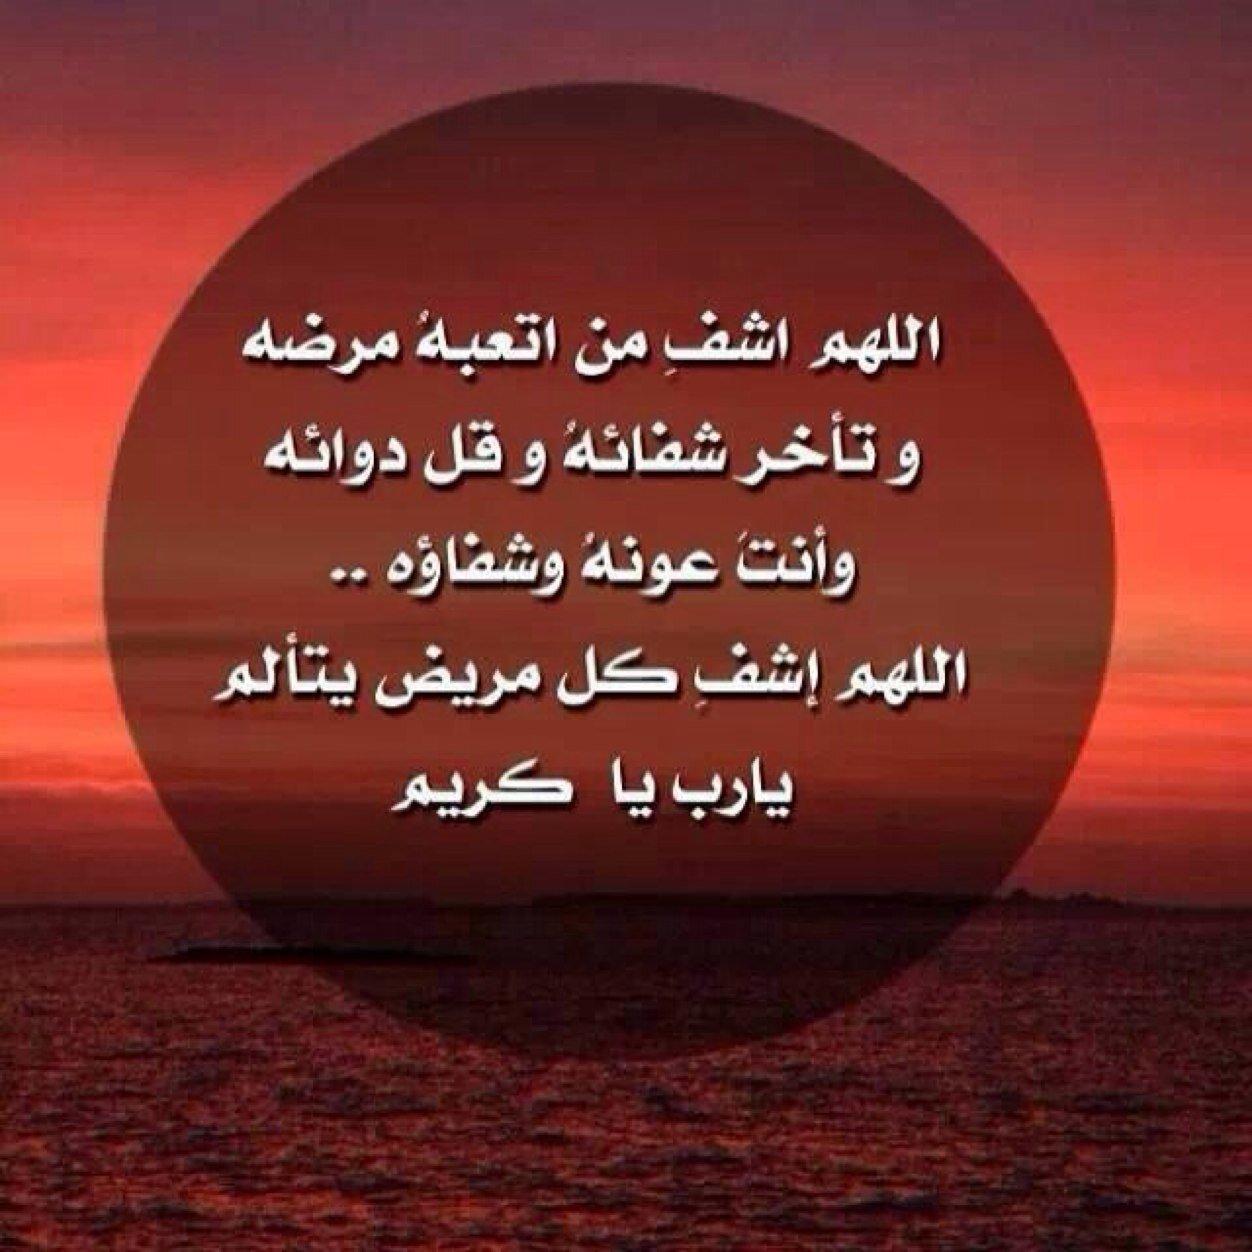 اللهم اشفي كل مريض Mohammed20h14 Twitter